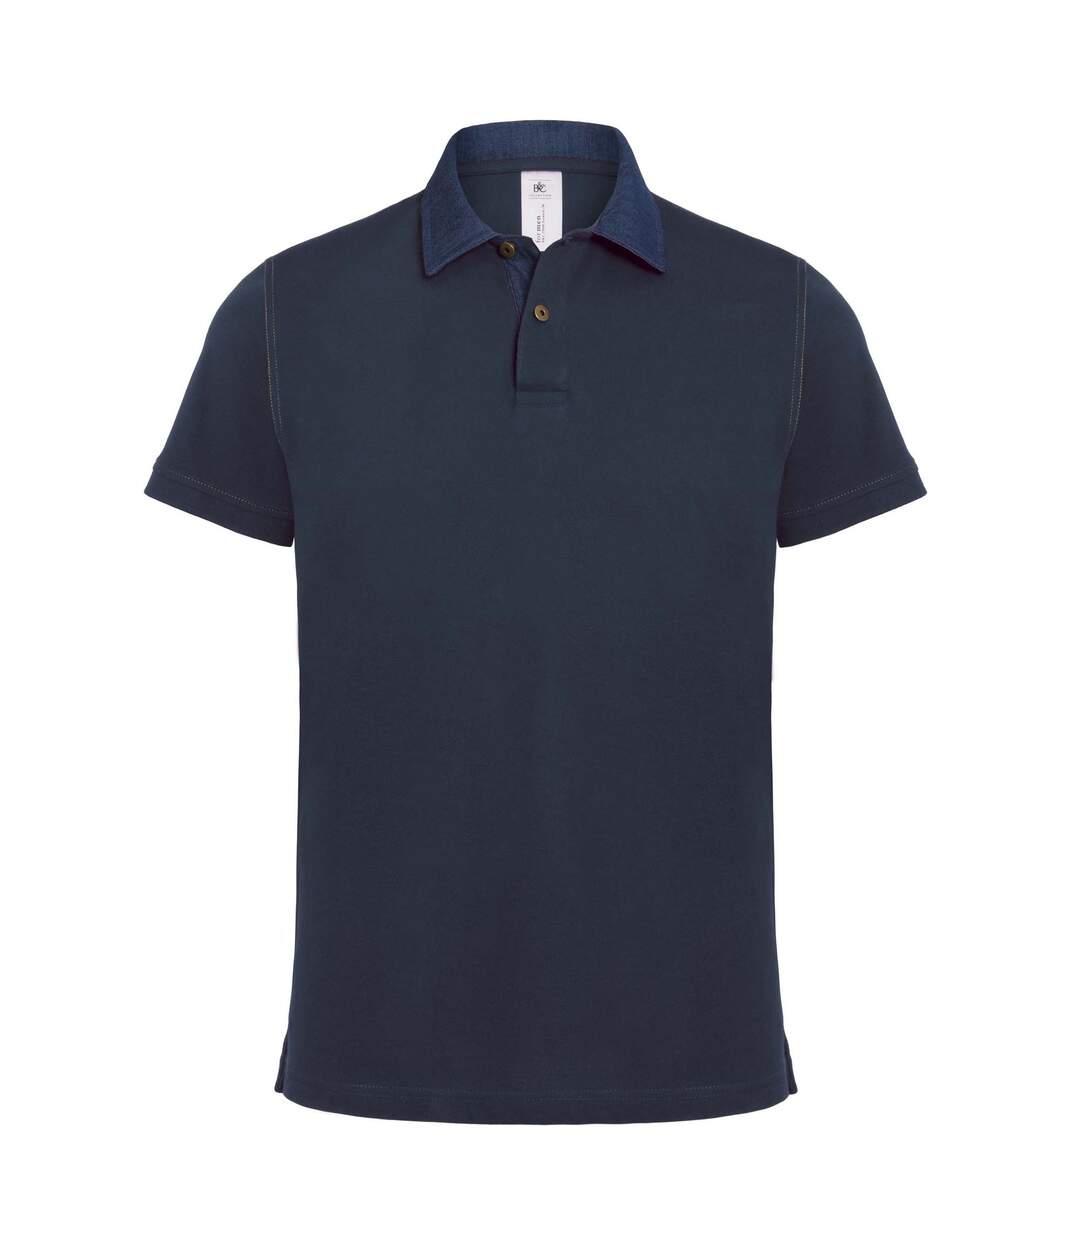 B&C Denim Mens Forward Short Sleeve Polo Shirt (Denim/ Navy) - UTRW3053